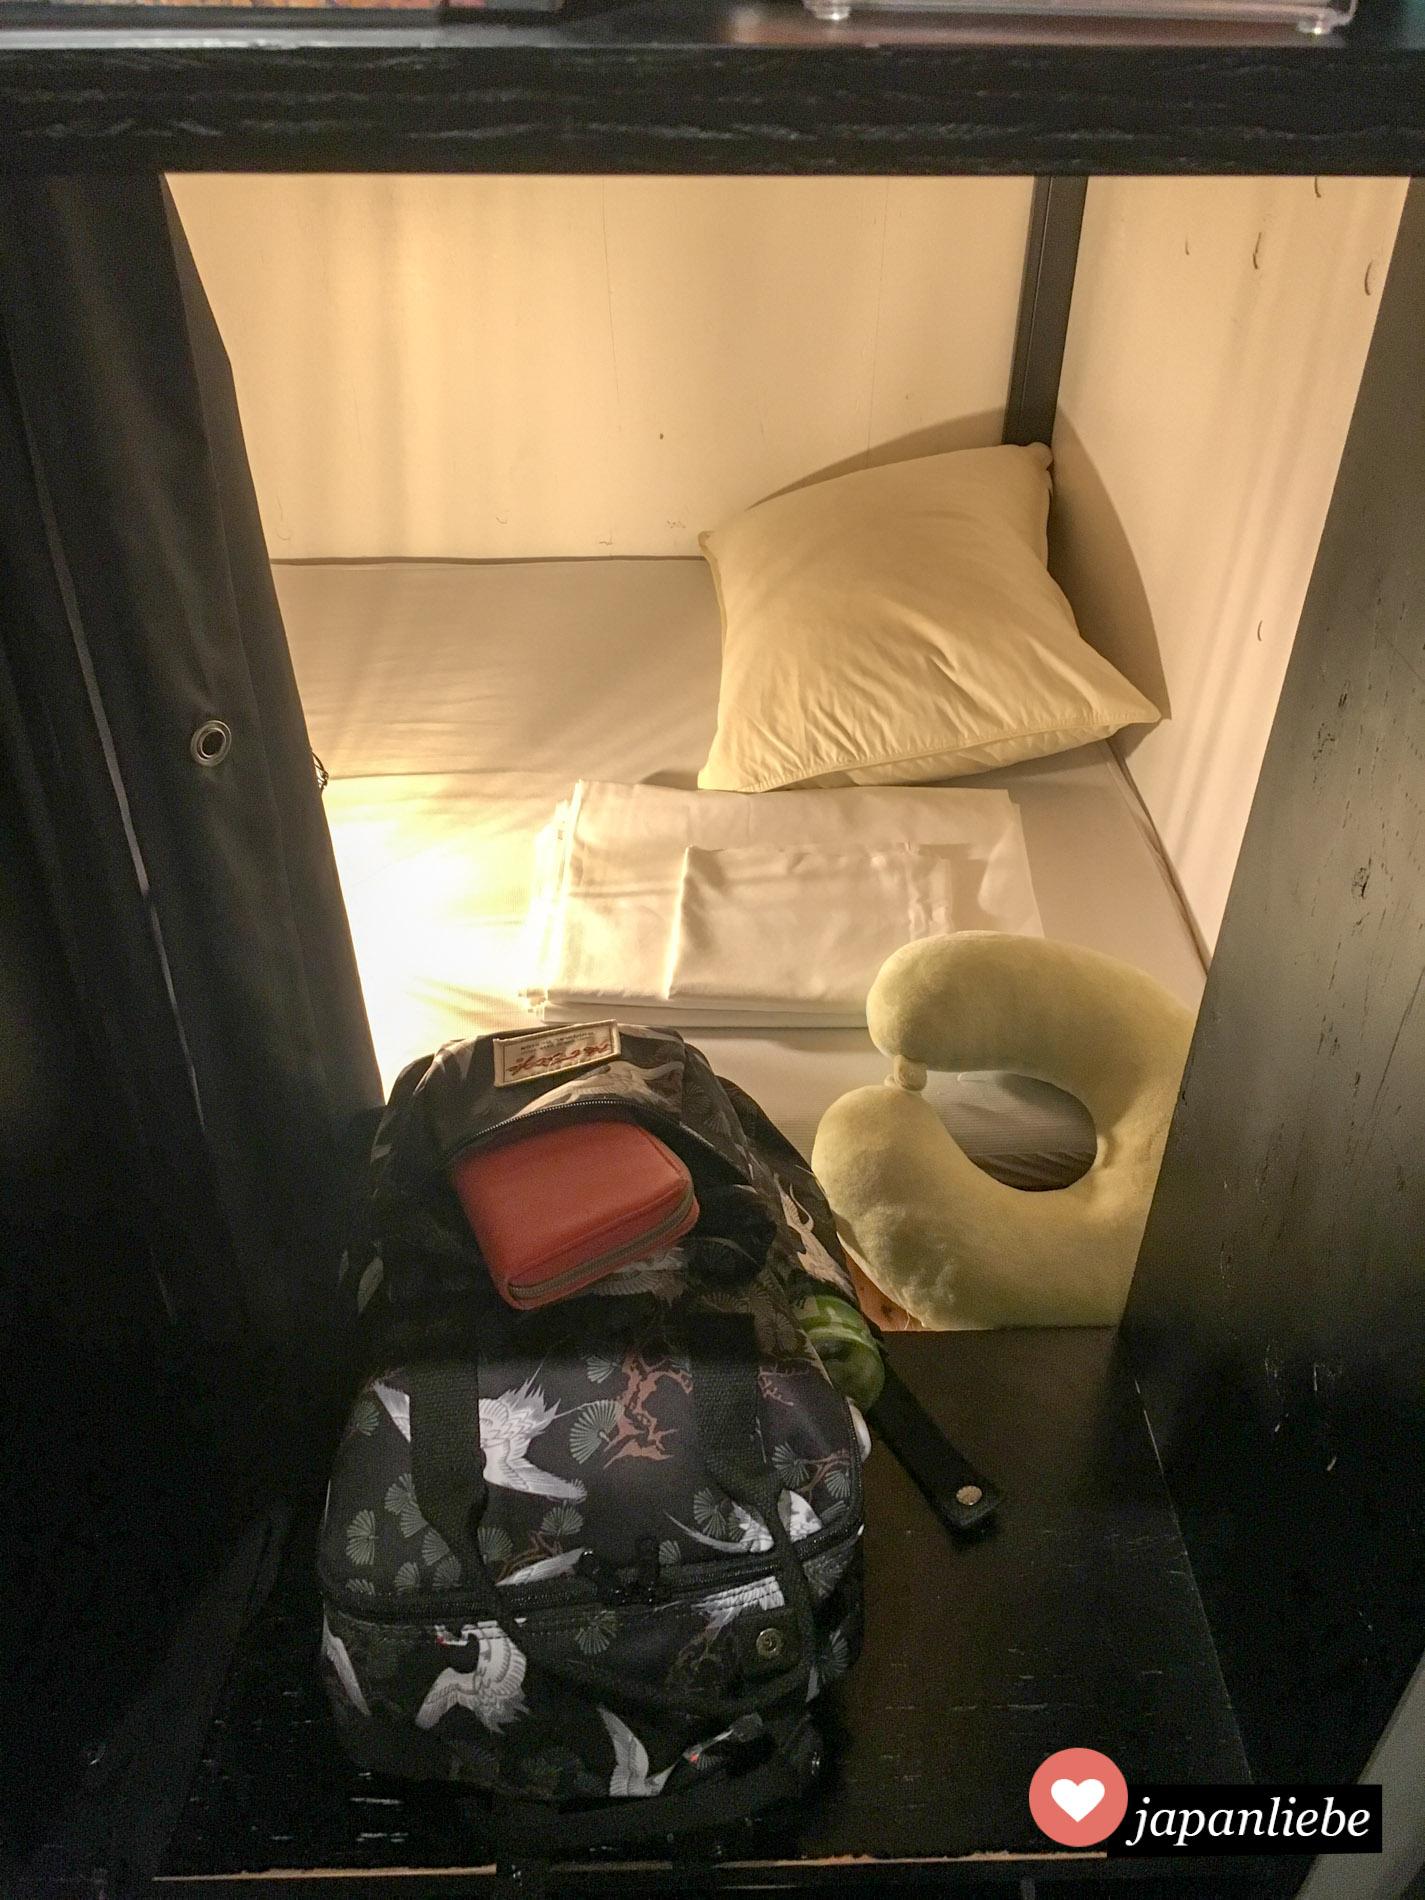 Meine Schlafkoje für vier Nächte.